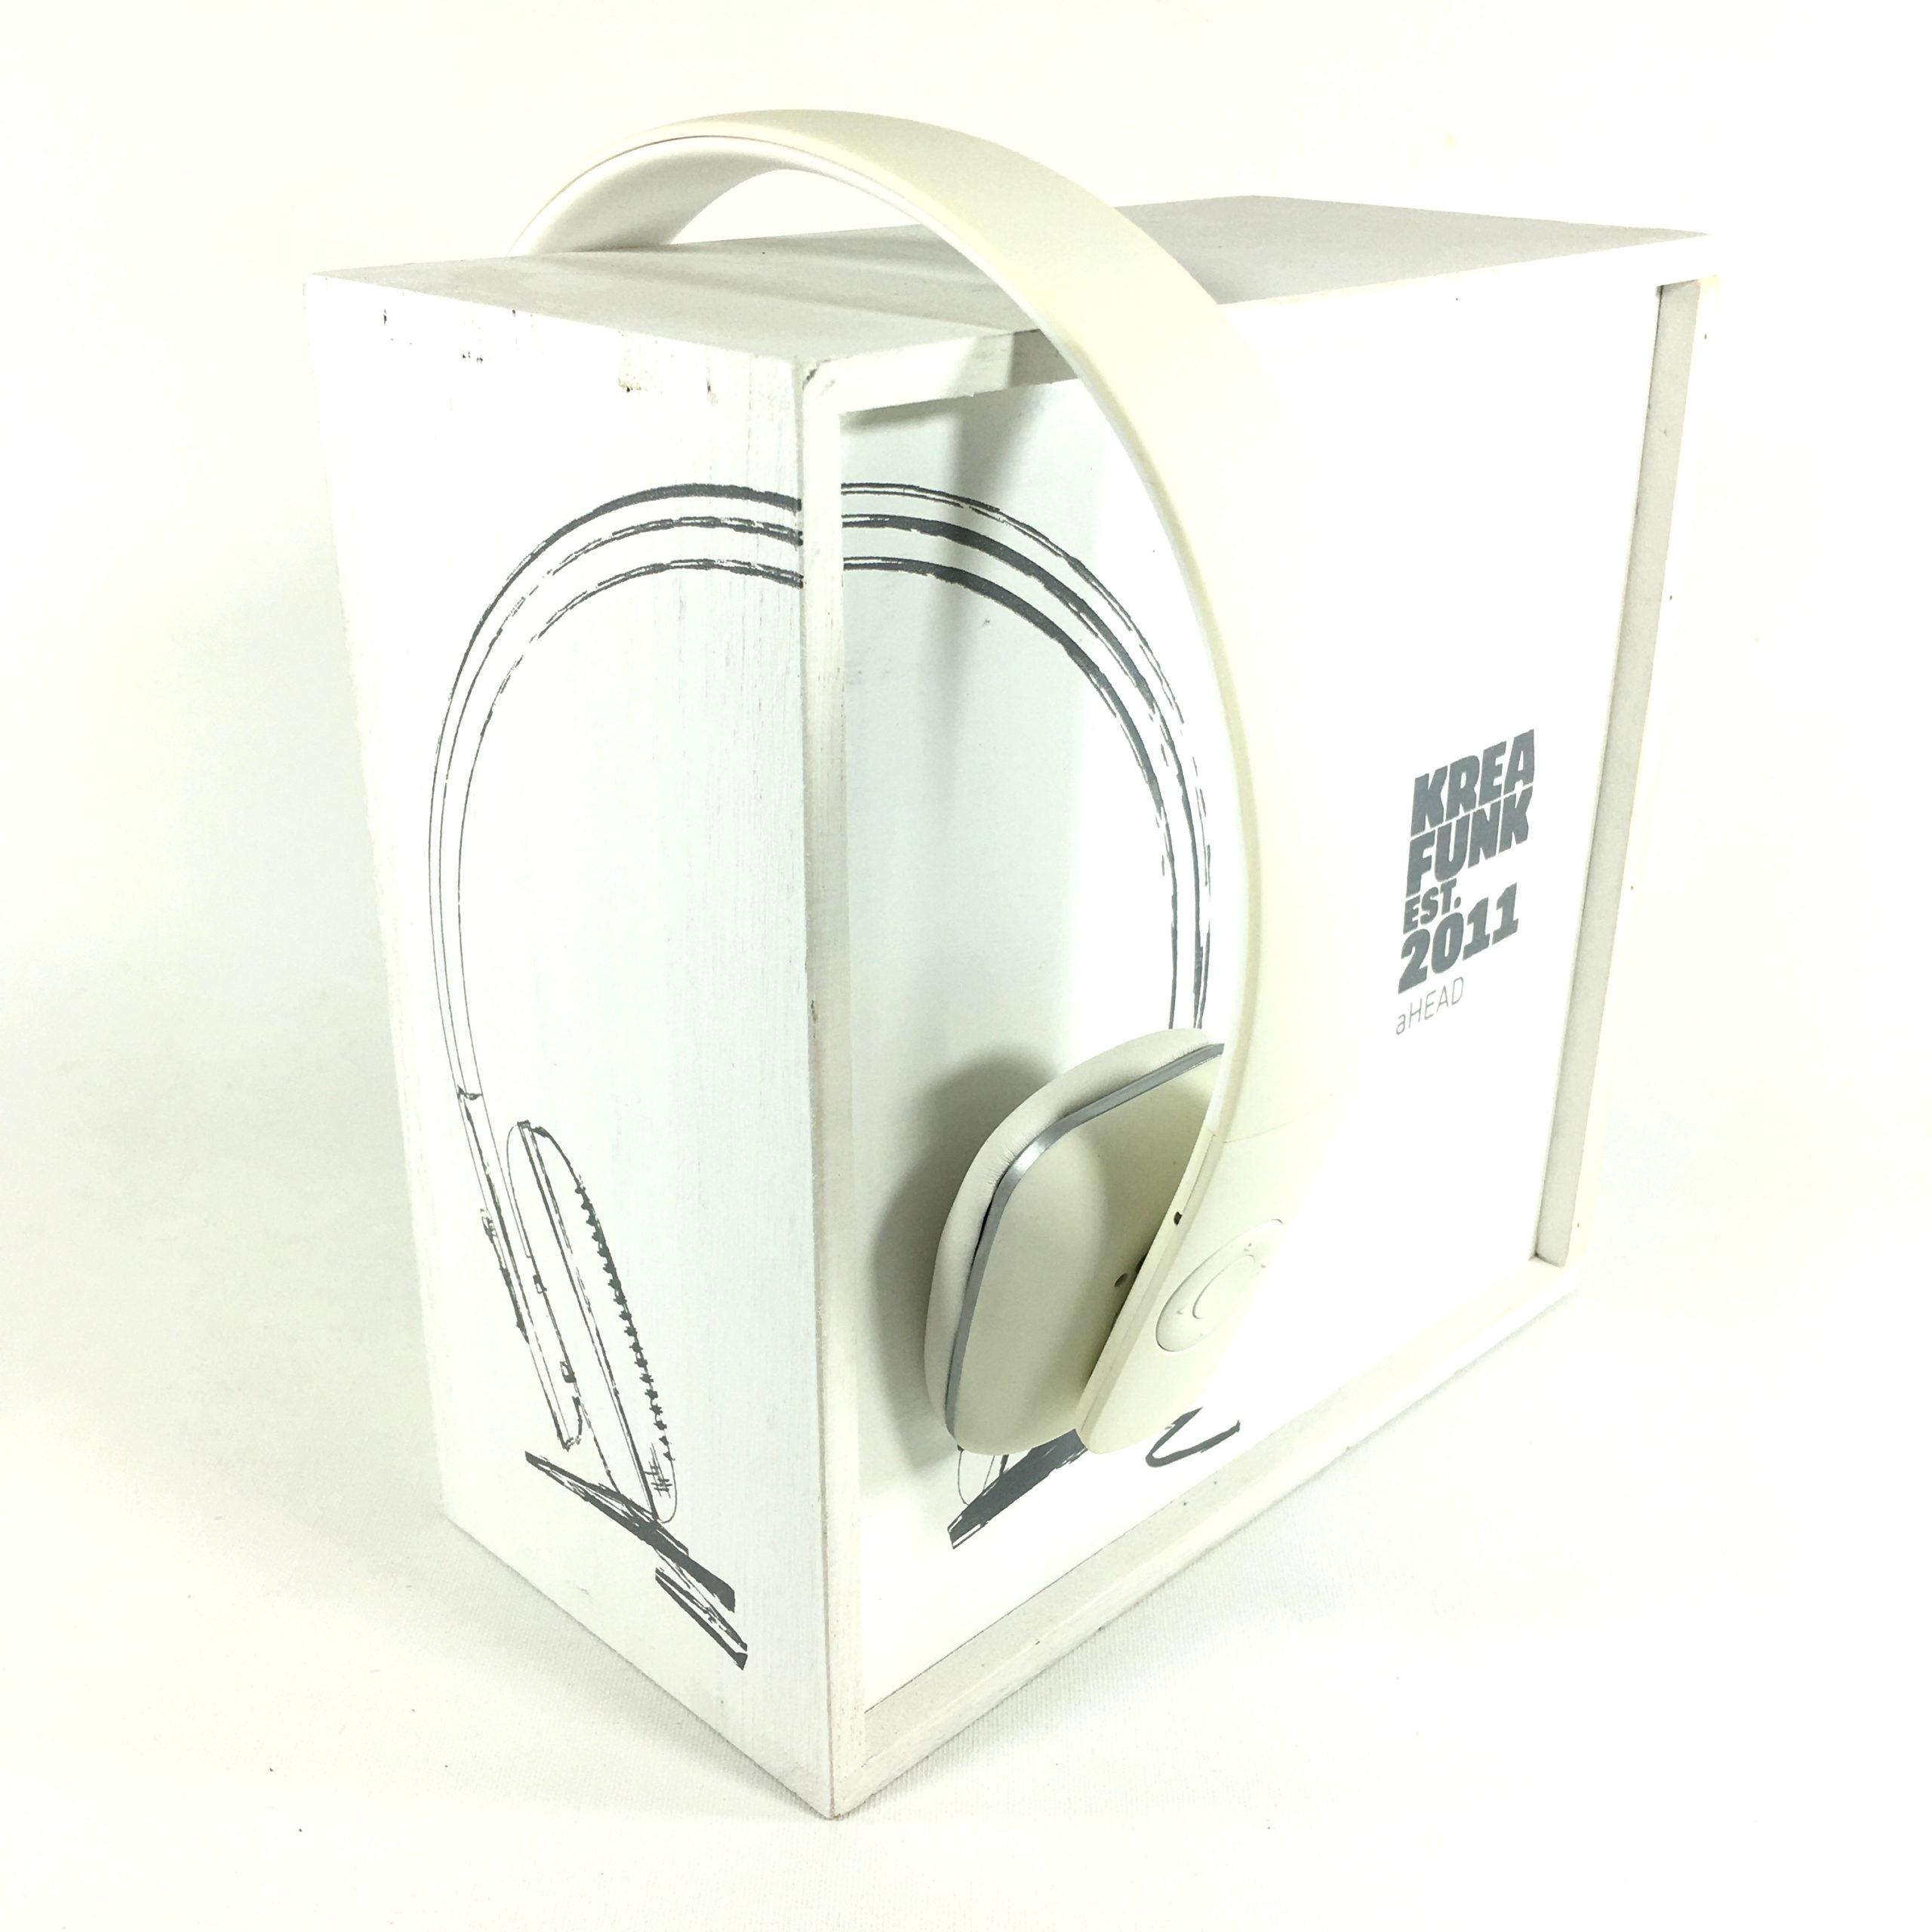 Kreafunk aHead Bluetooth Kopfhörer (white) Bild 2